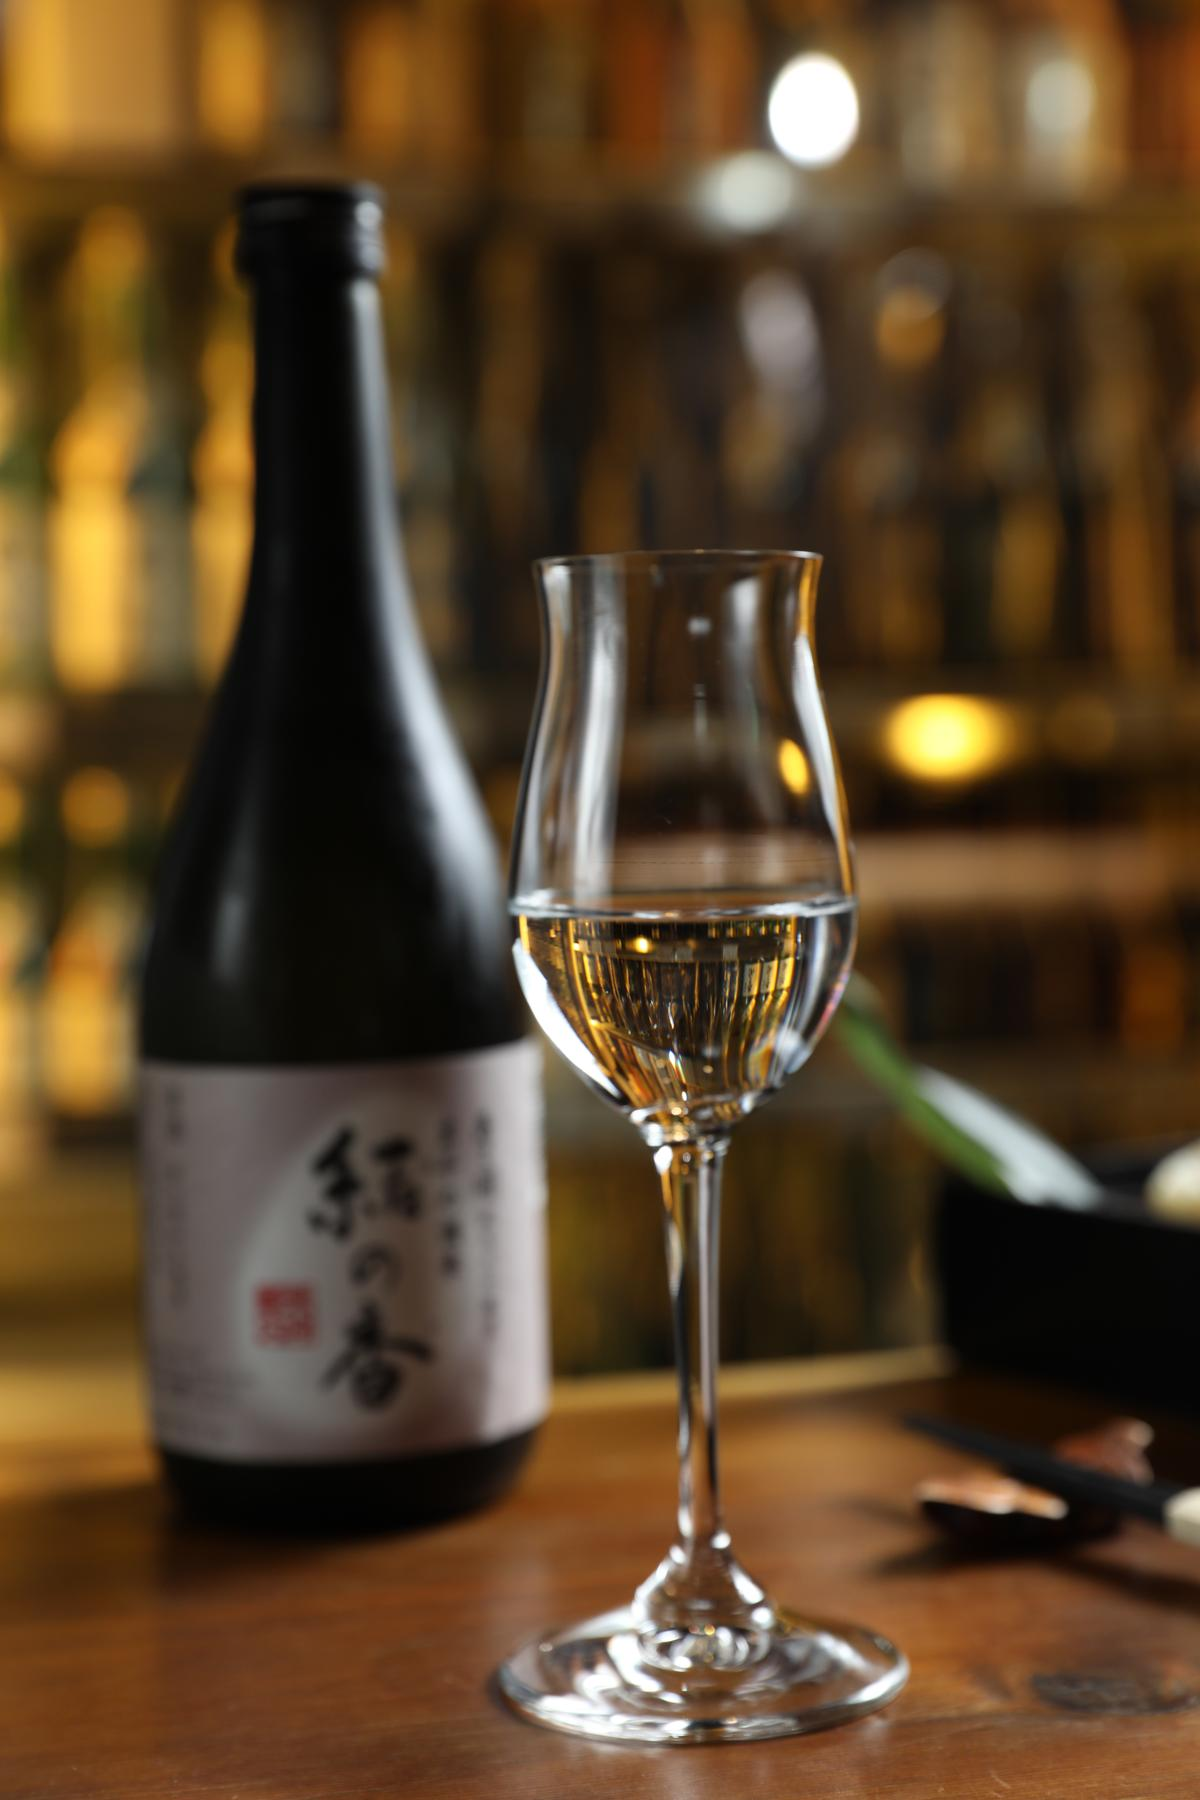 酒體圓潤的「結之香純米大吟釀」適合搭配「極上小鉢六品」。(4,880元/瓶)